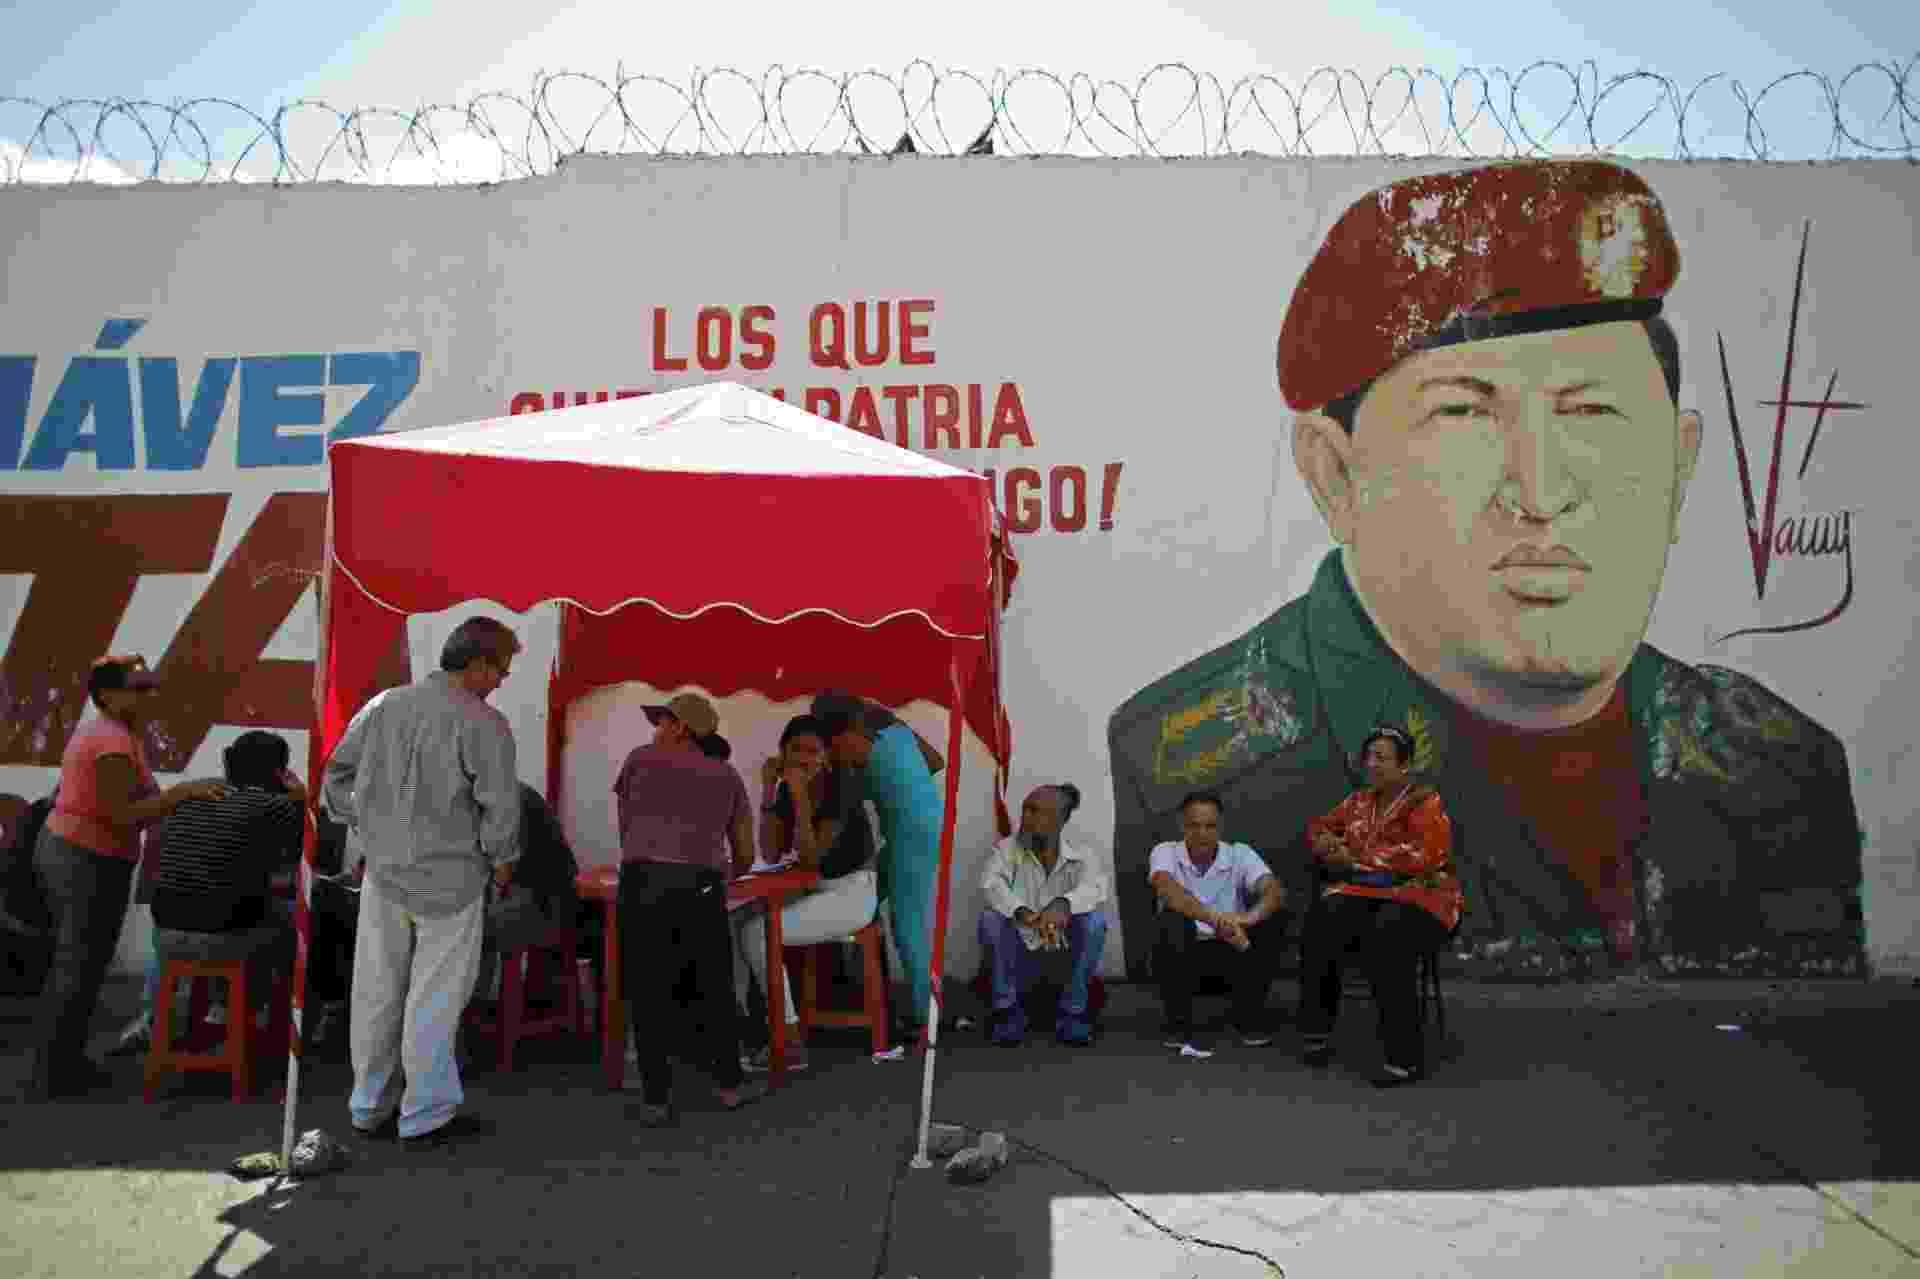 20.mai.18 - Eleitores votam em Caracas, Venezuela - Ariana Cubillos/STF